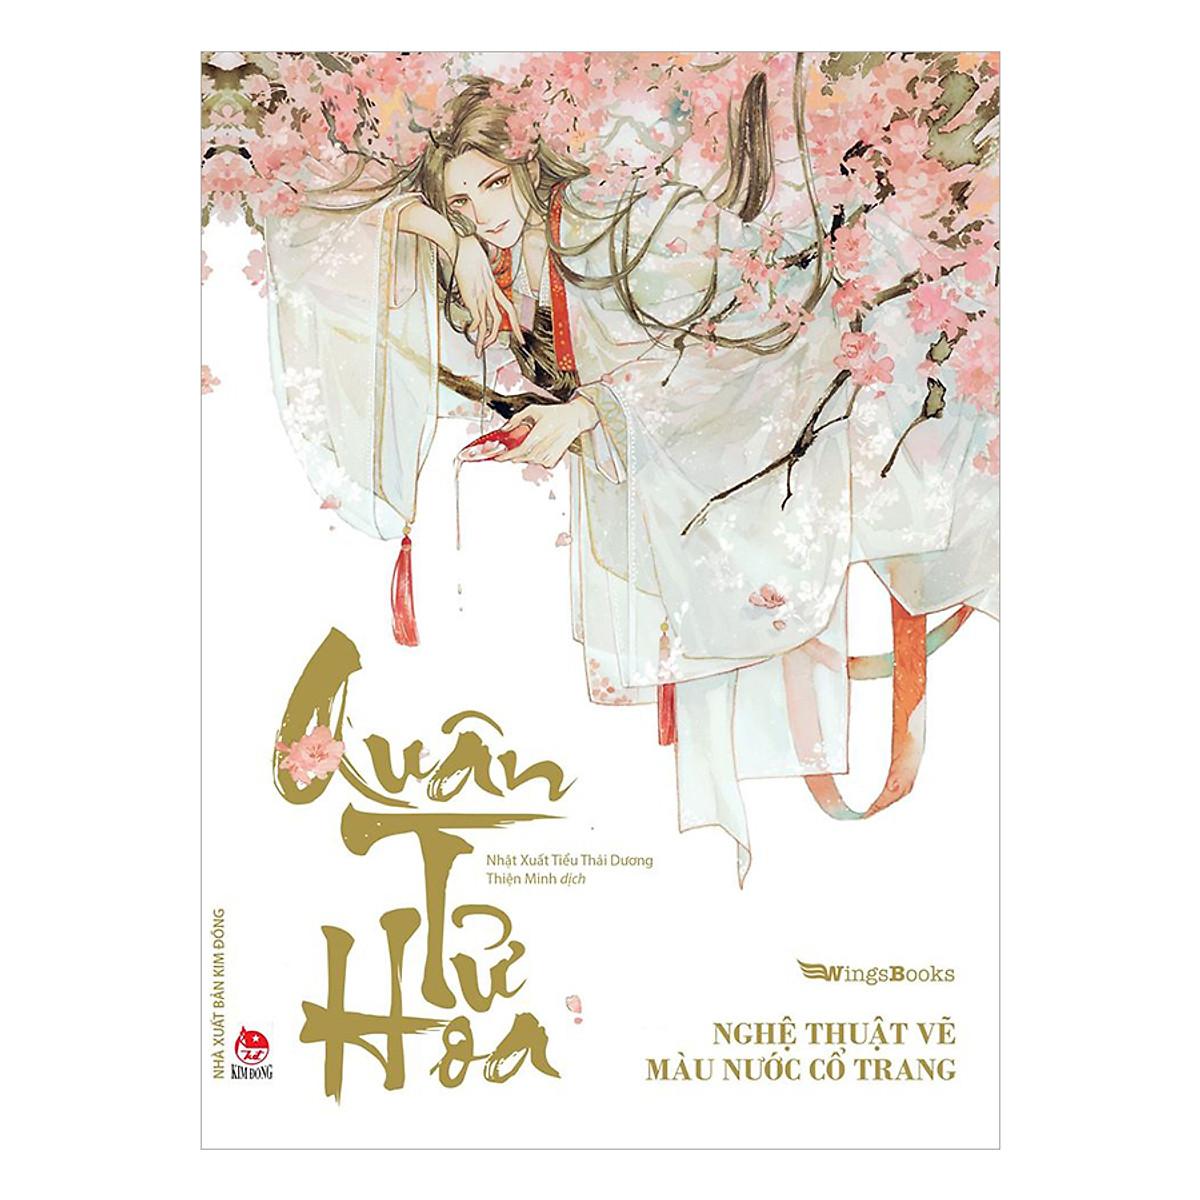 Quân Tử Hoa - Nghệ Thuật Vẽ Màu Nước Cổ Trang | Tiki